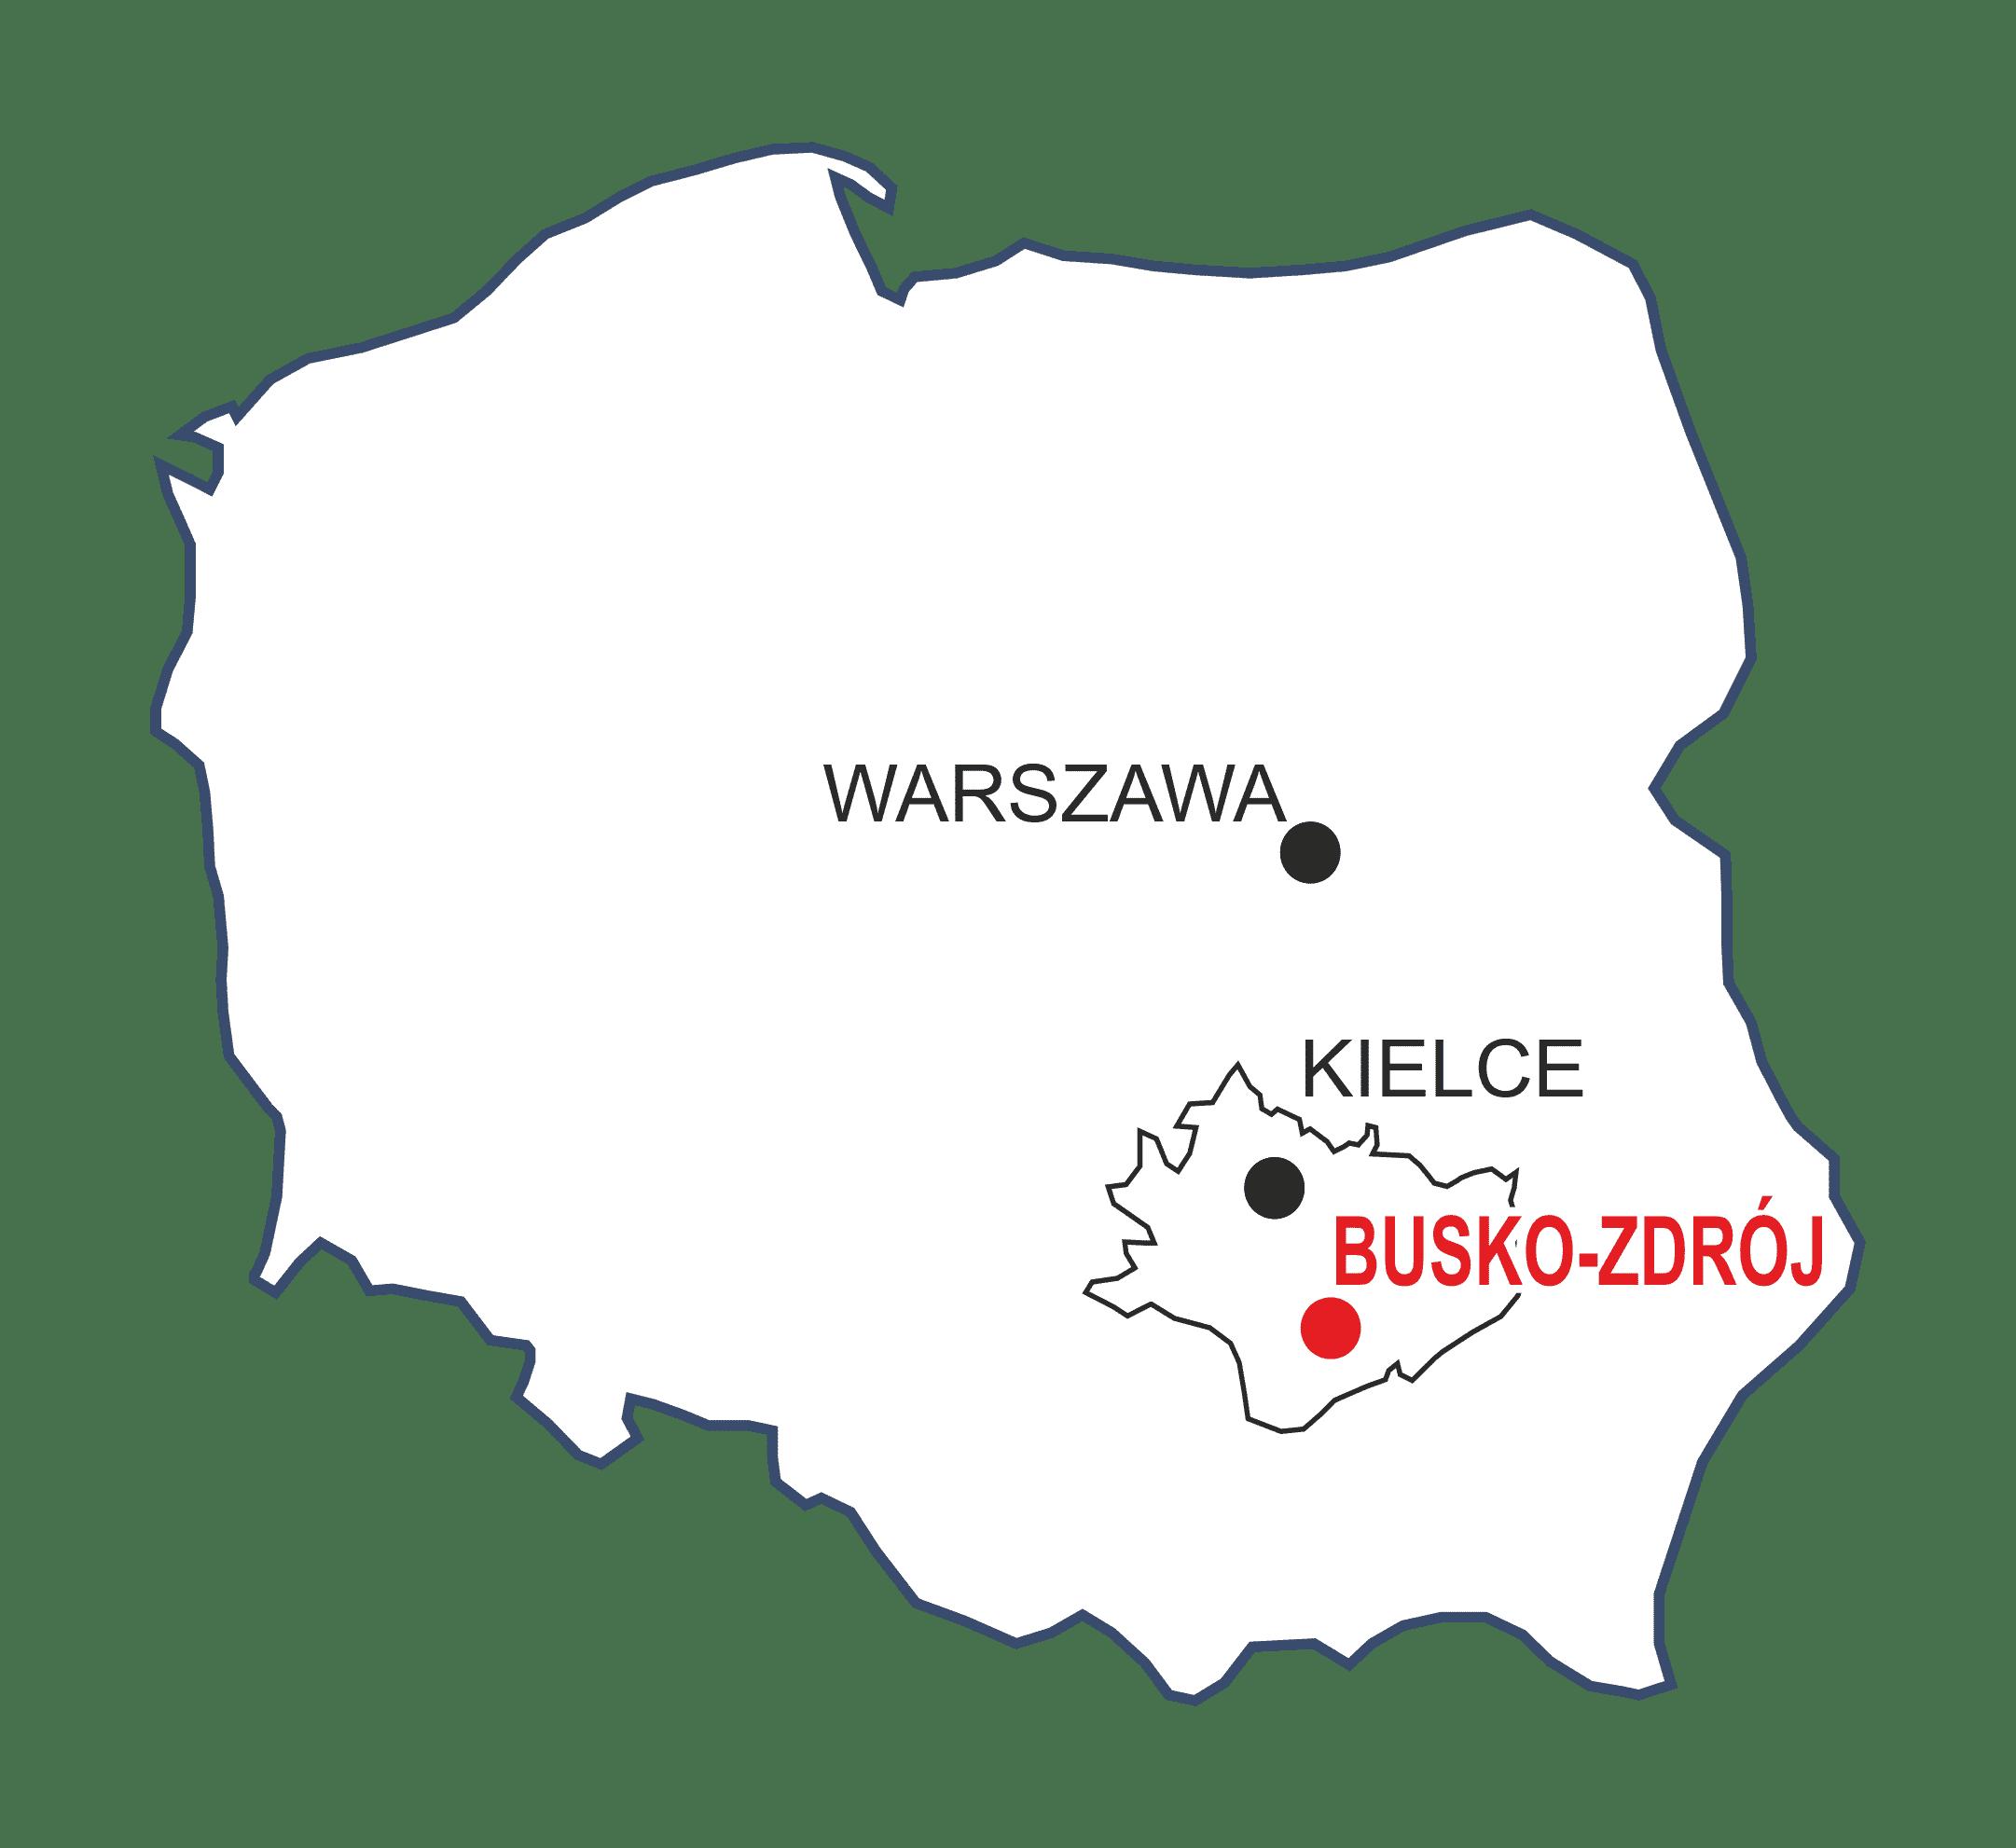 mapa_gdzie_busko